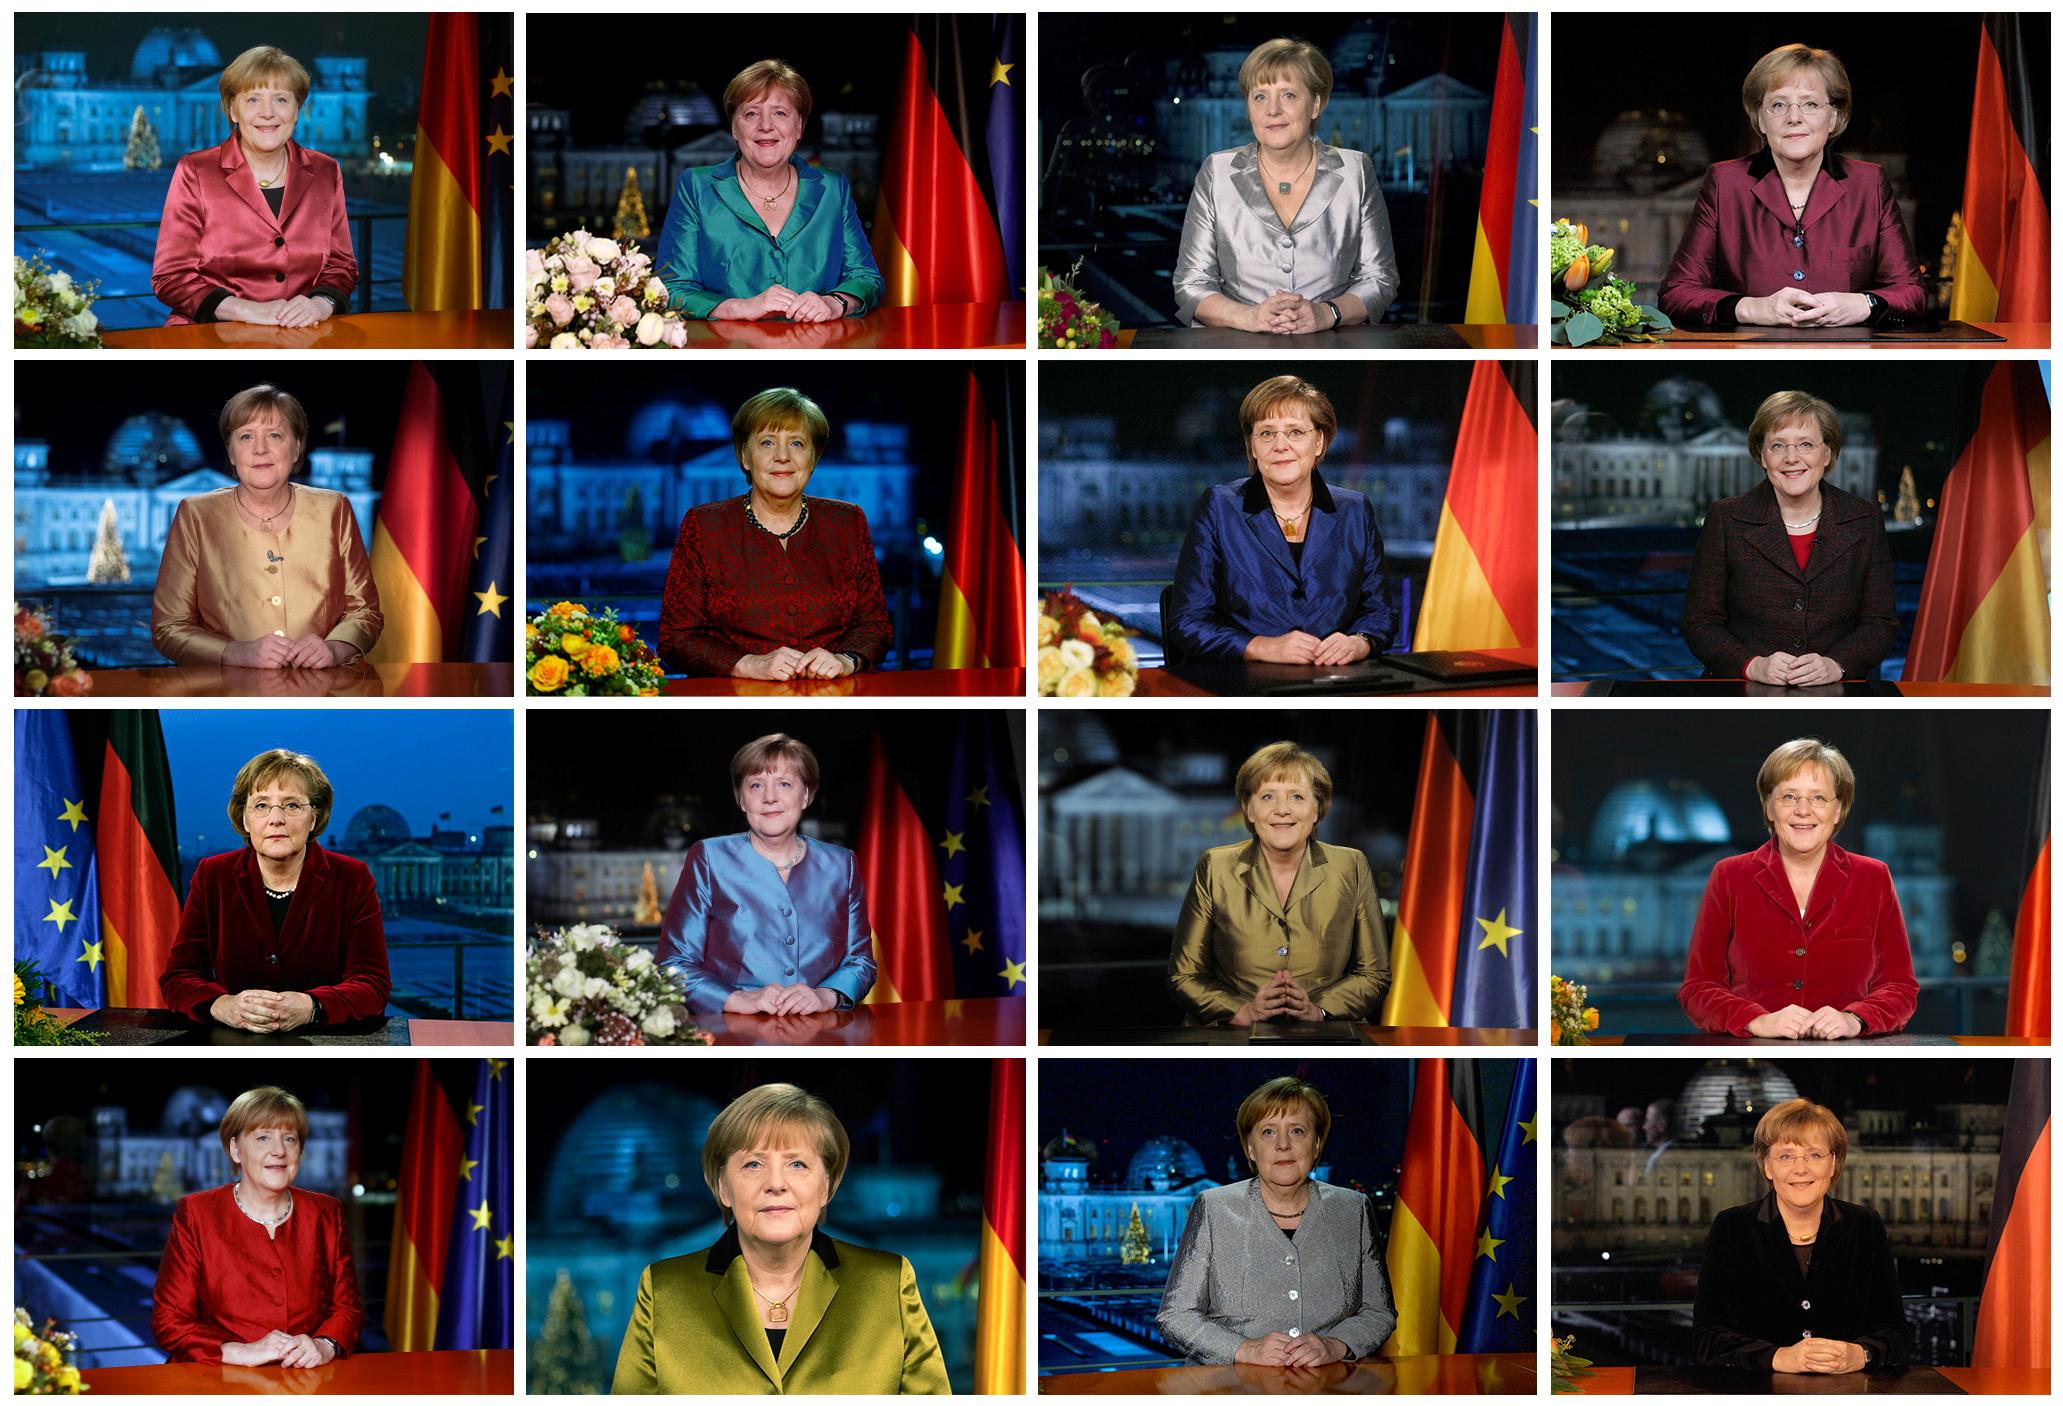 Εκλογές στην Γερμανία – Άνγκελα Μέρκελ: Οι ημερομηνίες σταθμοί στα 16 χρόνια της ως καγκελαρίου